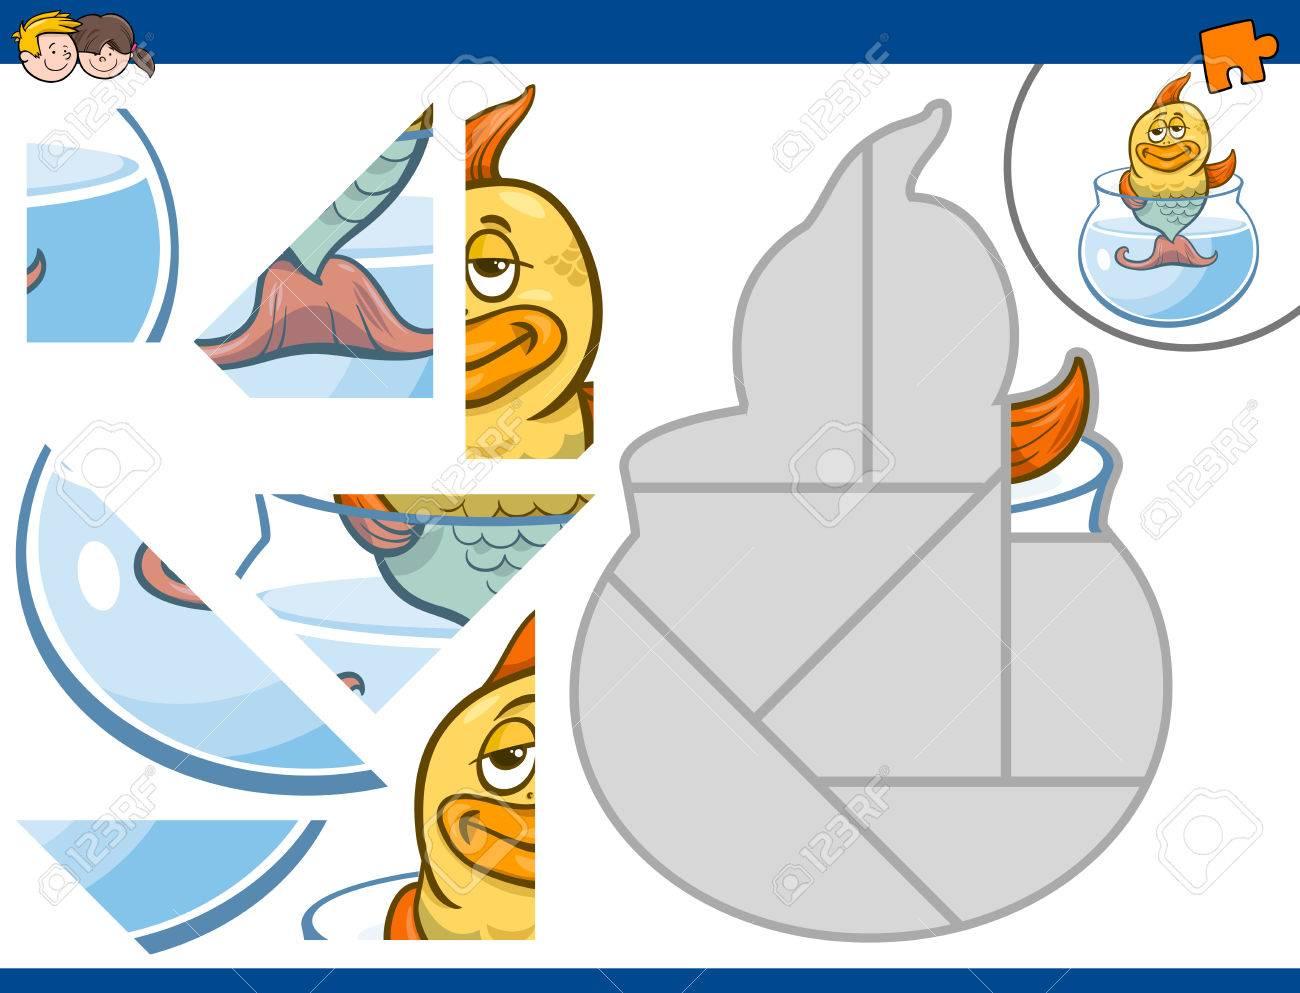 金の魚動物文字児教育ジグソー パズル活動の漫画イラスト ロイヤリティ